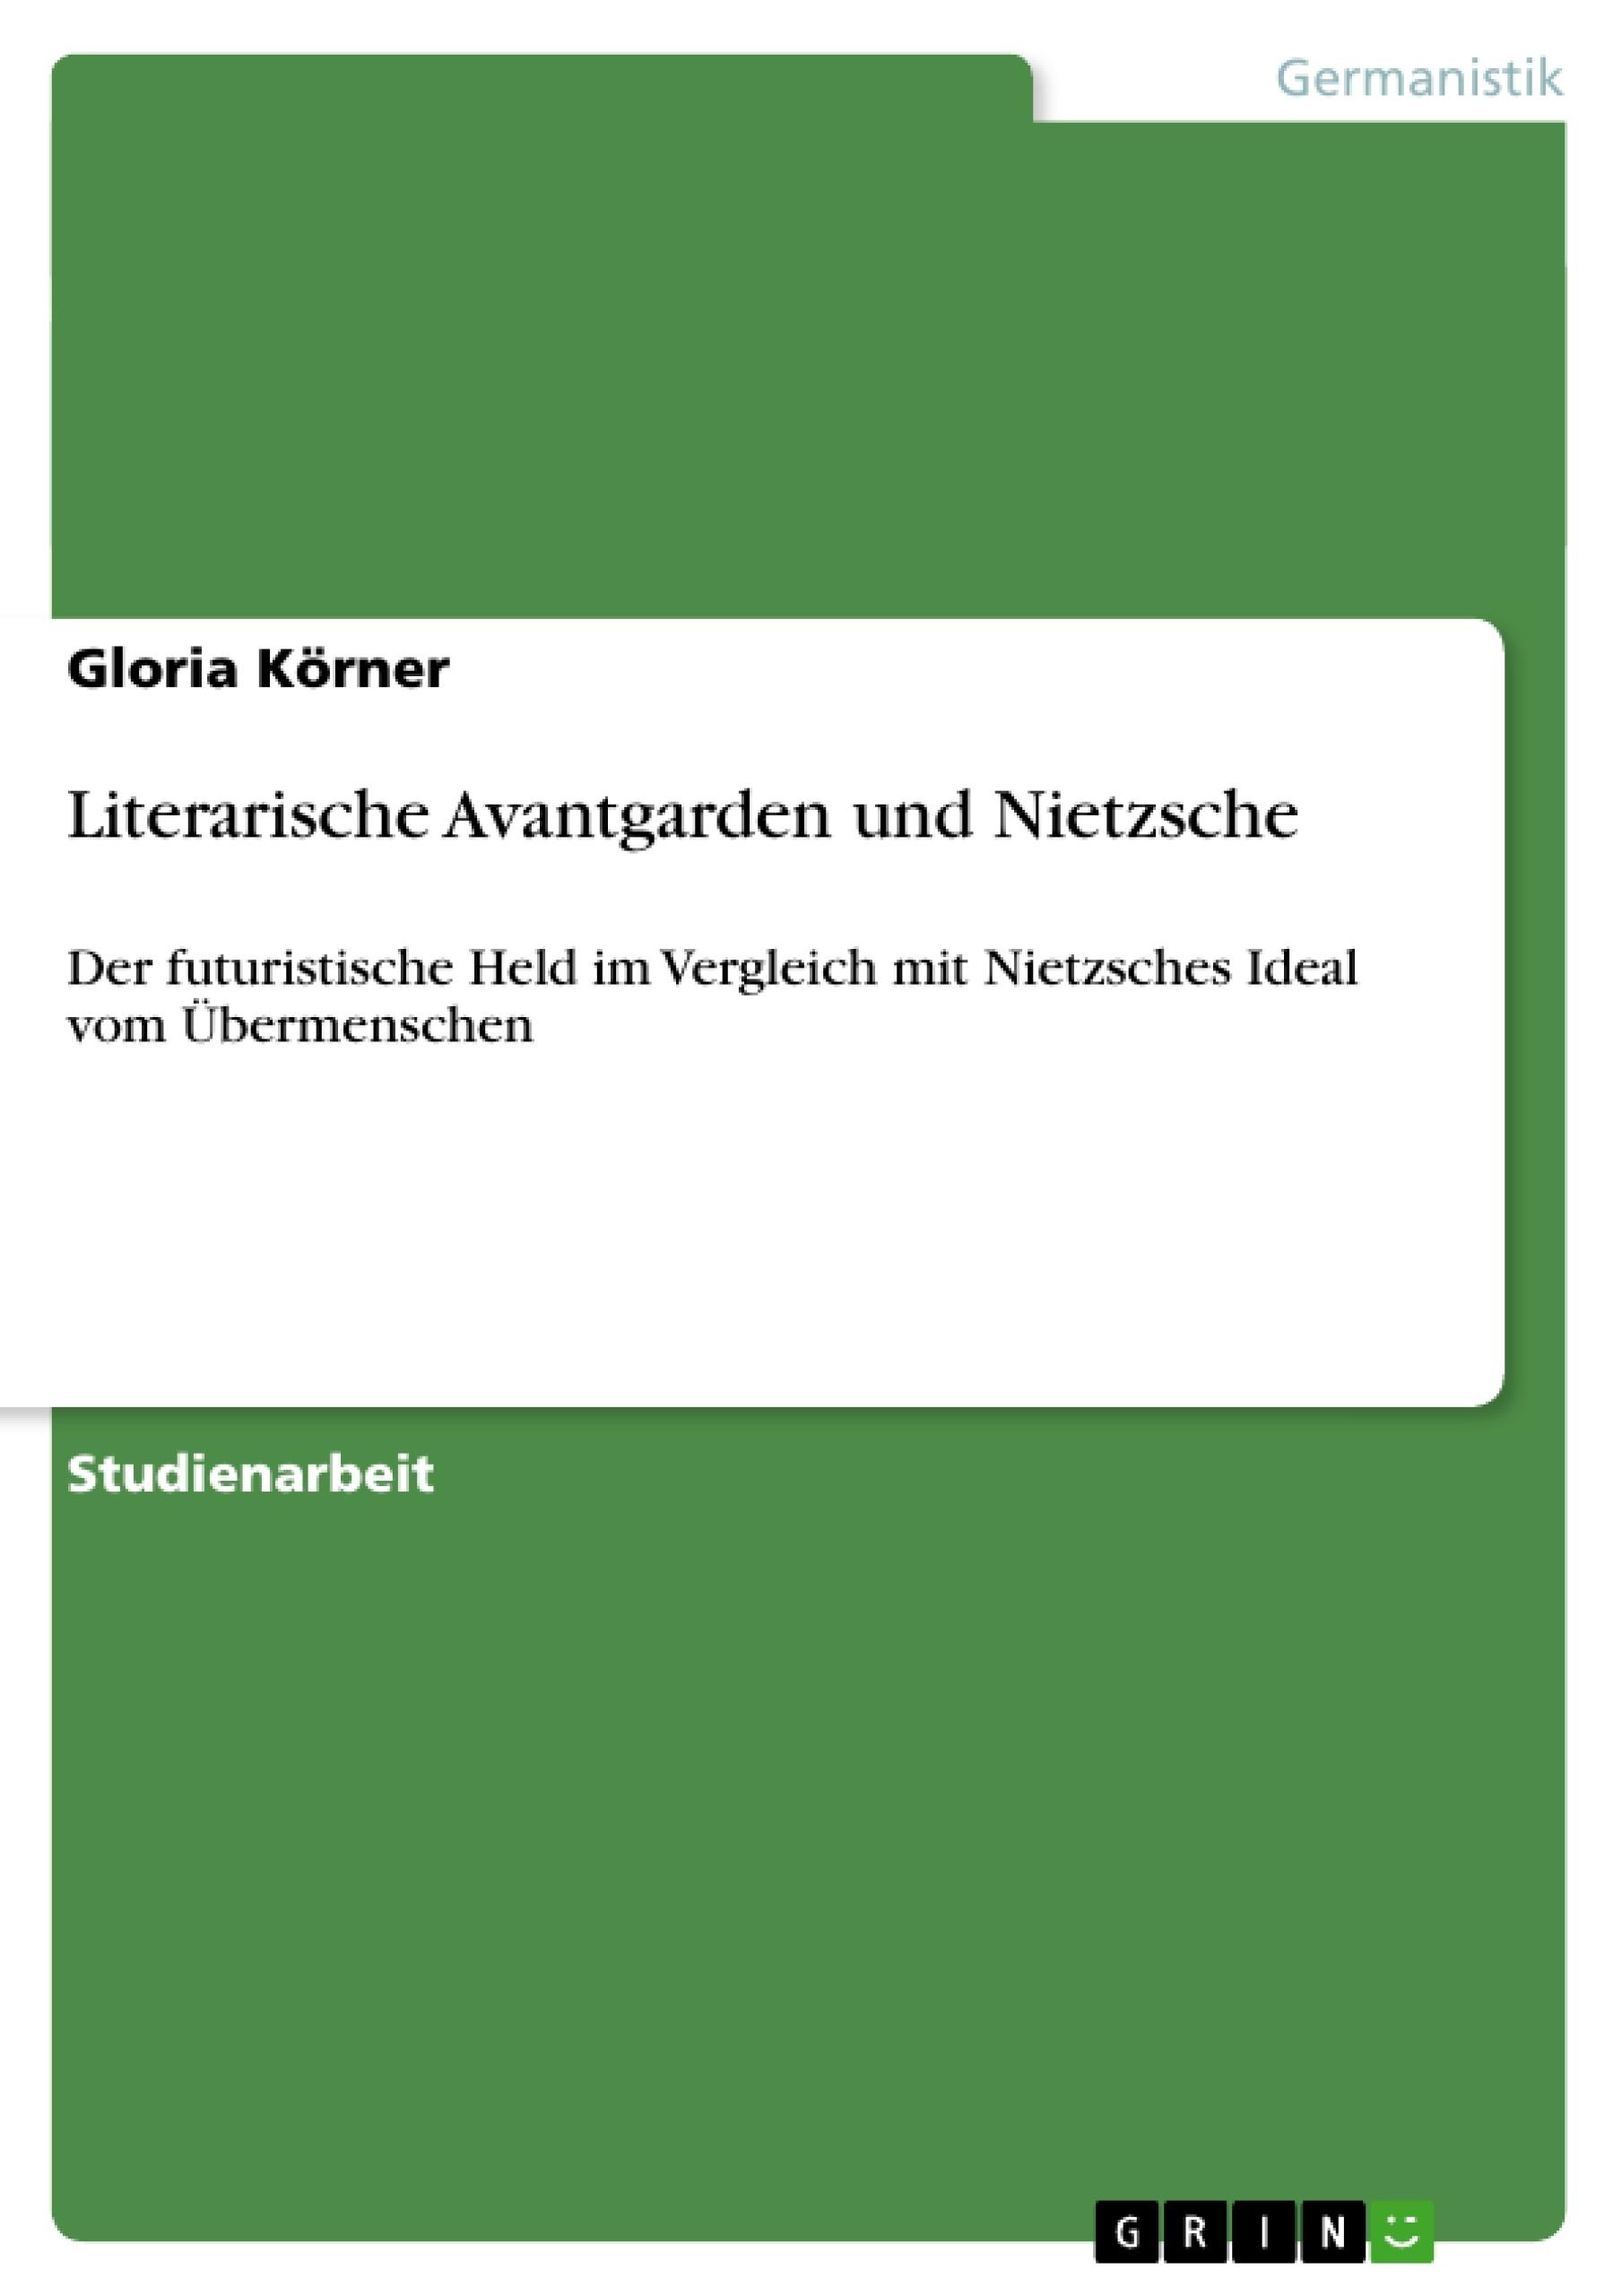 Titel: Literarische Avantgarden und Nietzsche